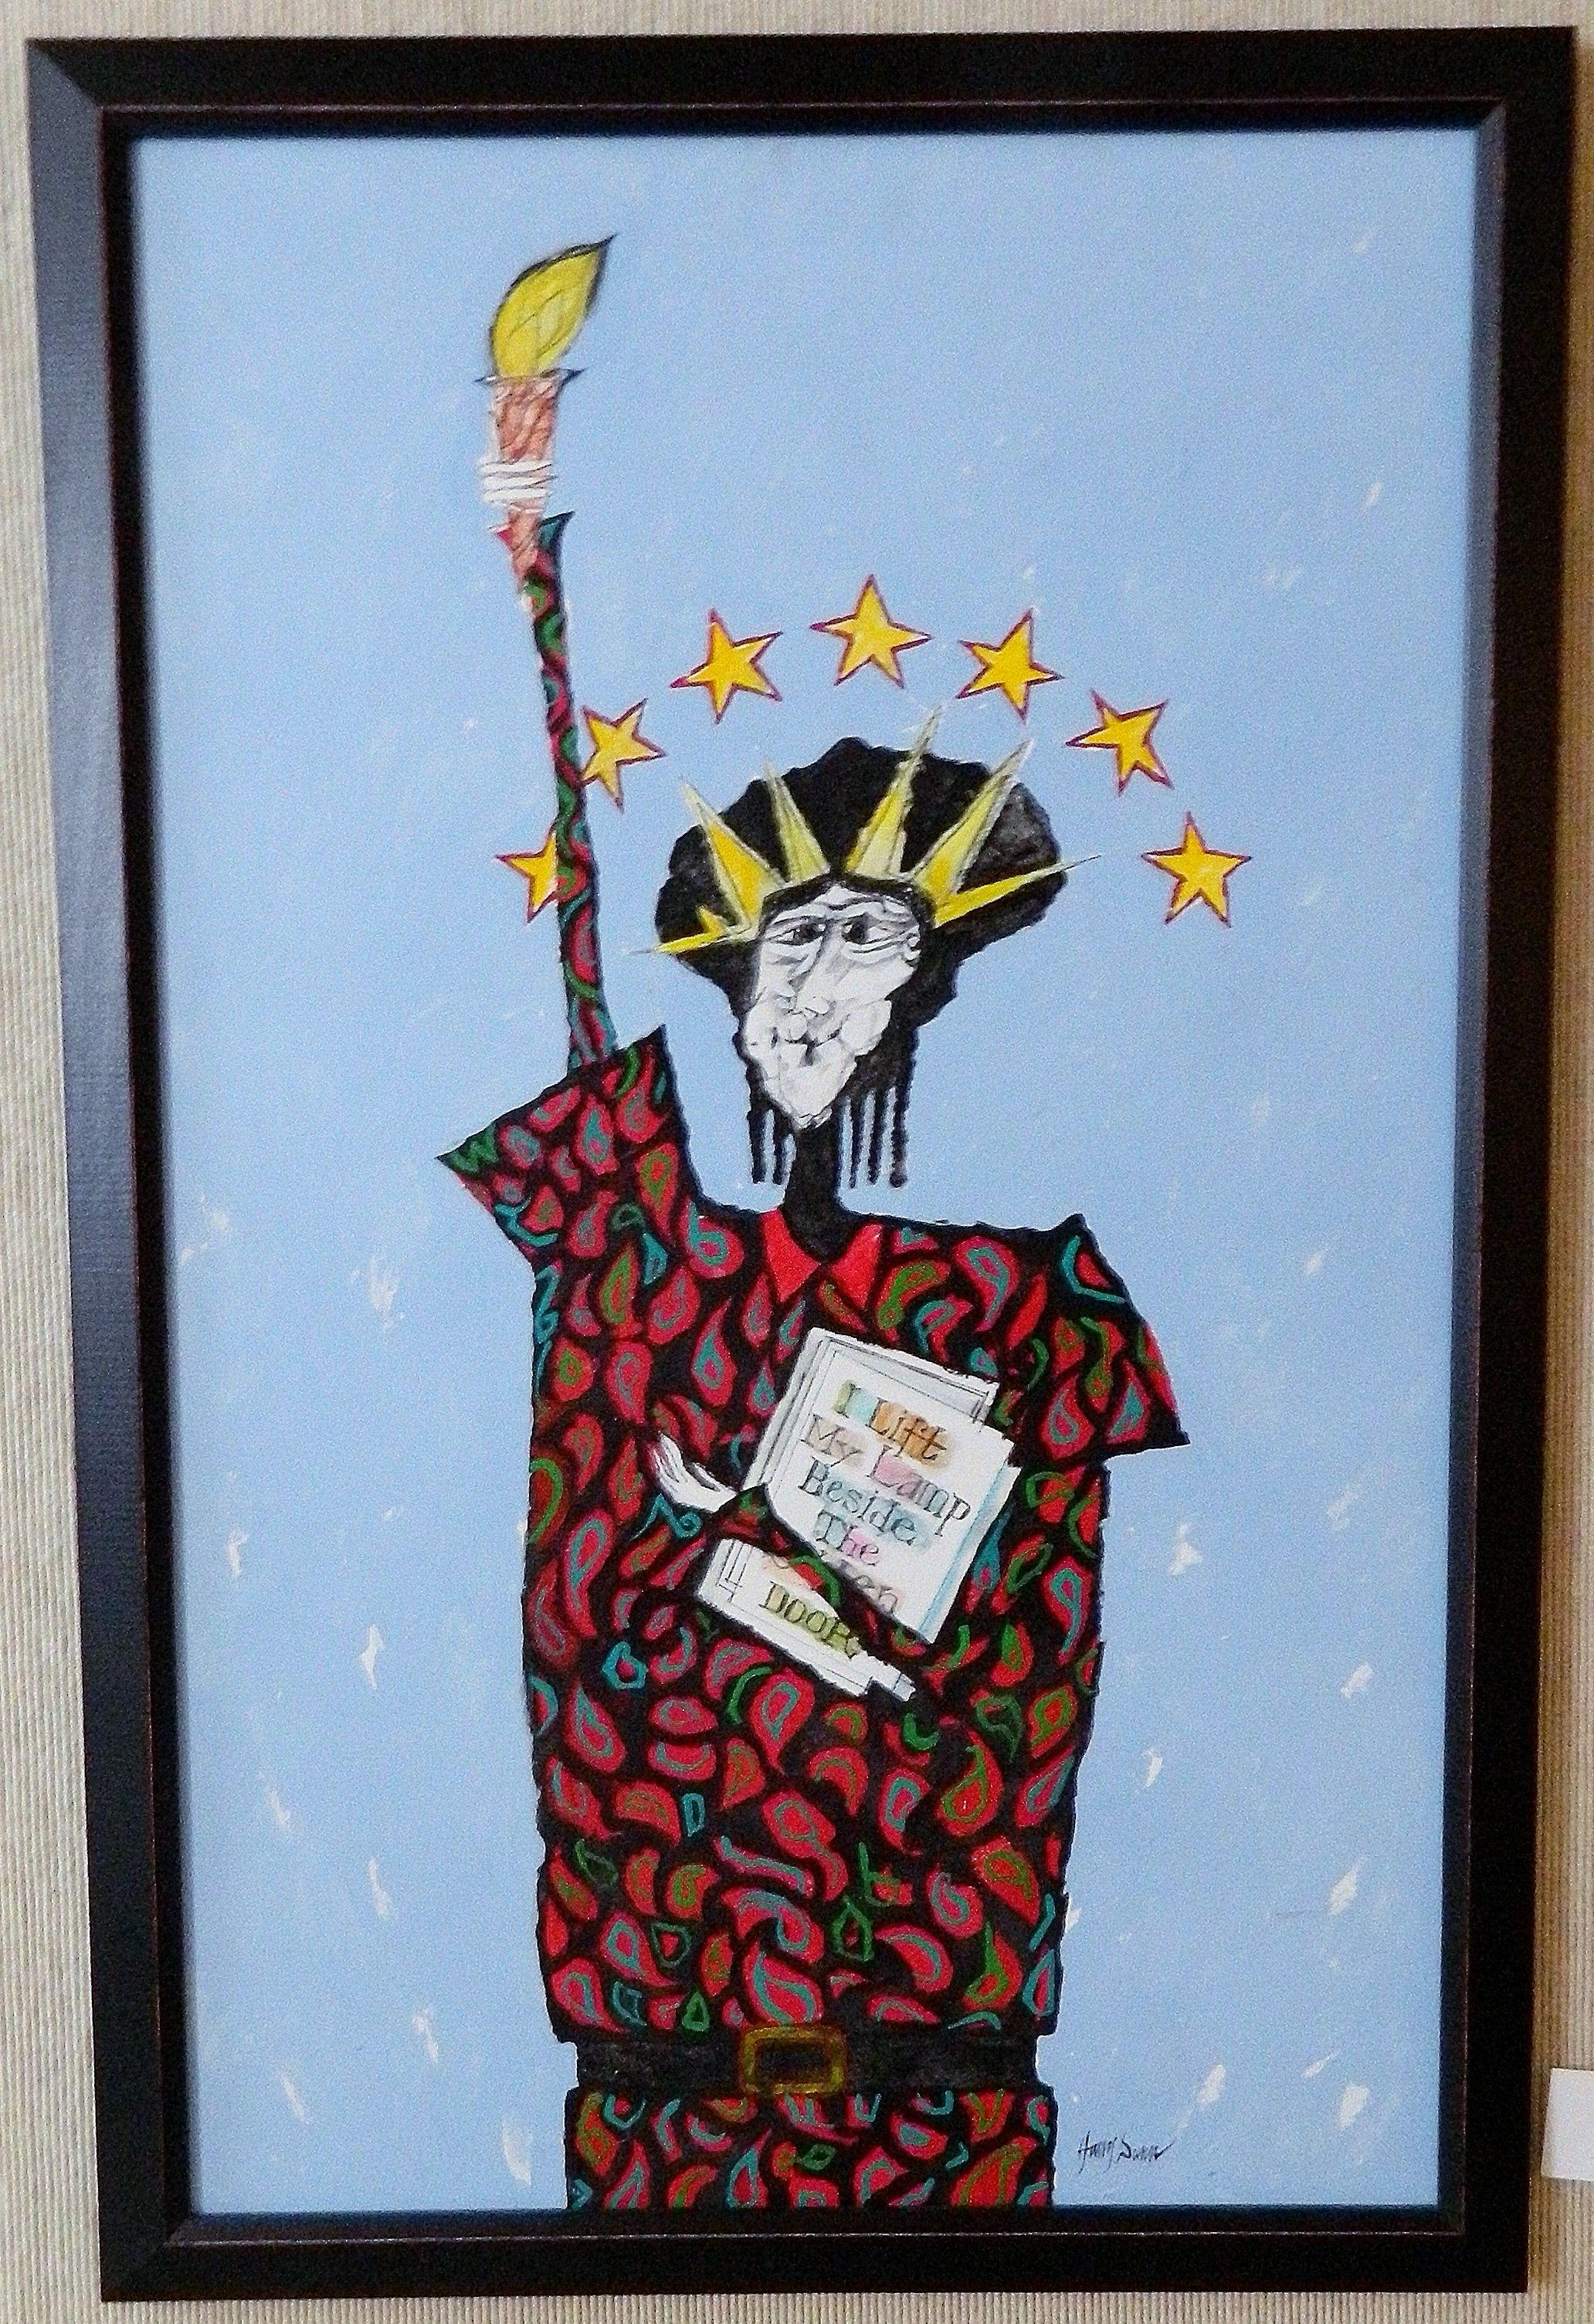 Miss Liberty Harry Dunn Harry Dunn Art Gallery Fine